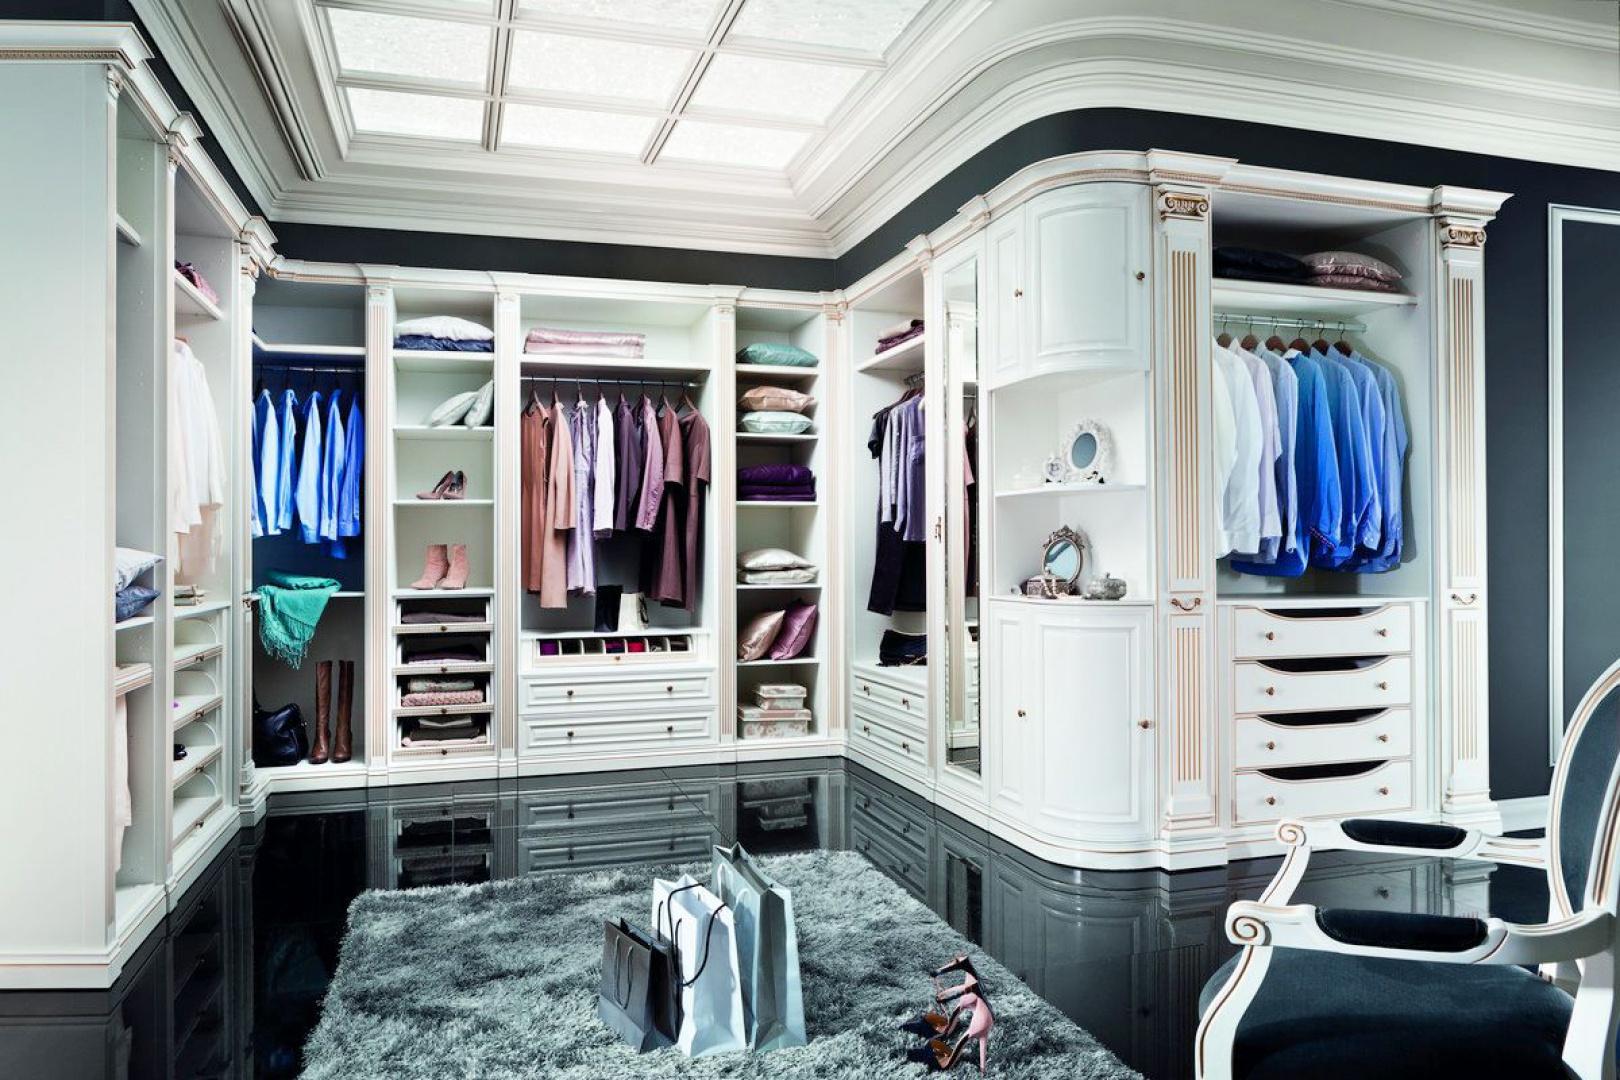 Garderoba Verona marki Taranko to świetne rozwiązanie dla wszystkich ceniących porządek. Jej wnętrze została bardzo funkcjonalnie zagospodarowane. Fot. Taranko.